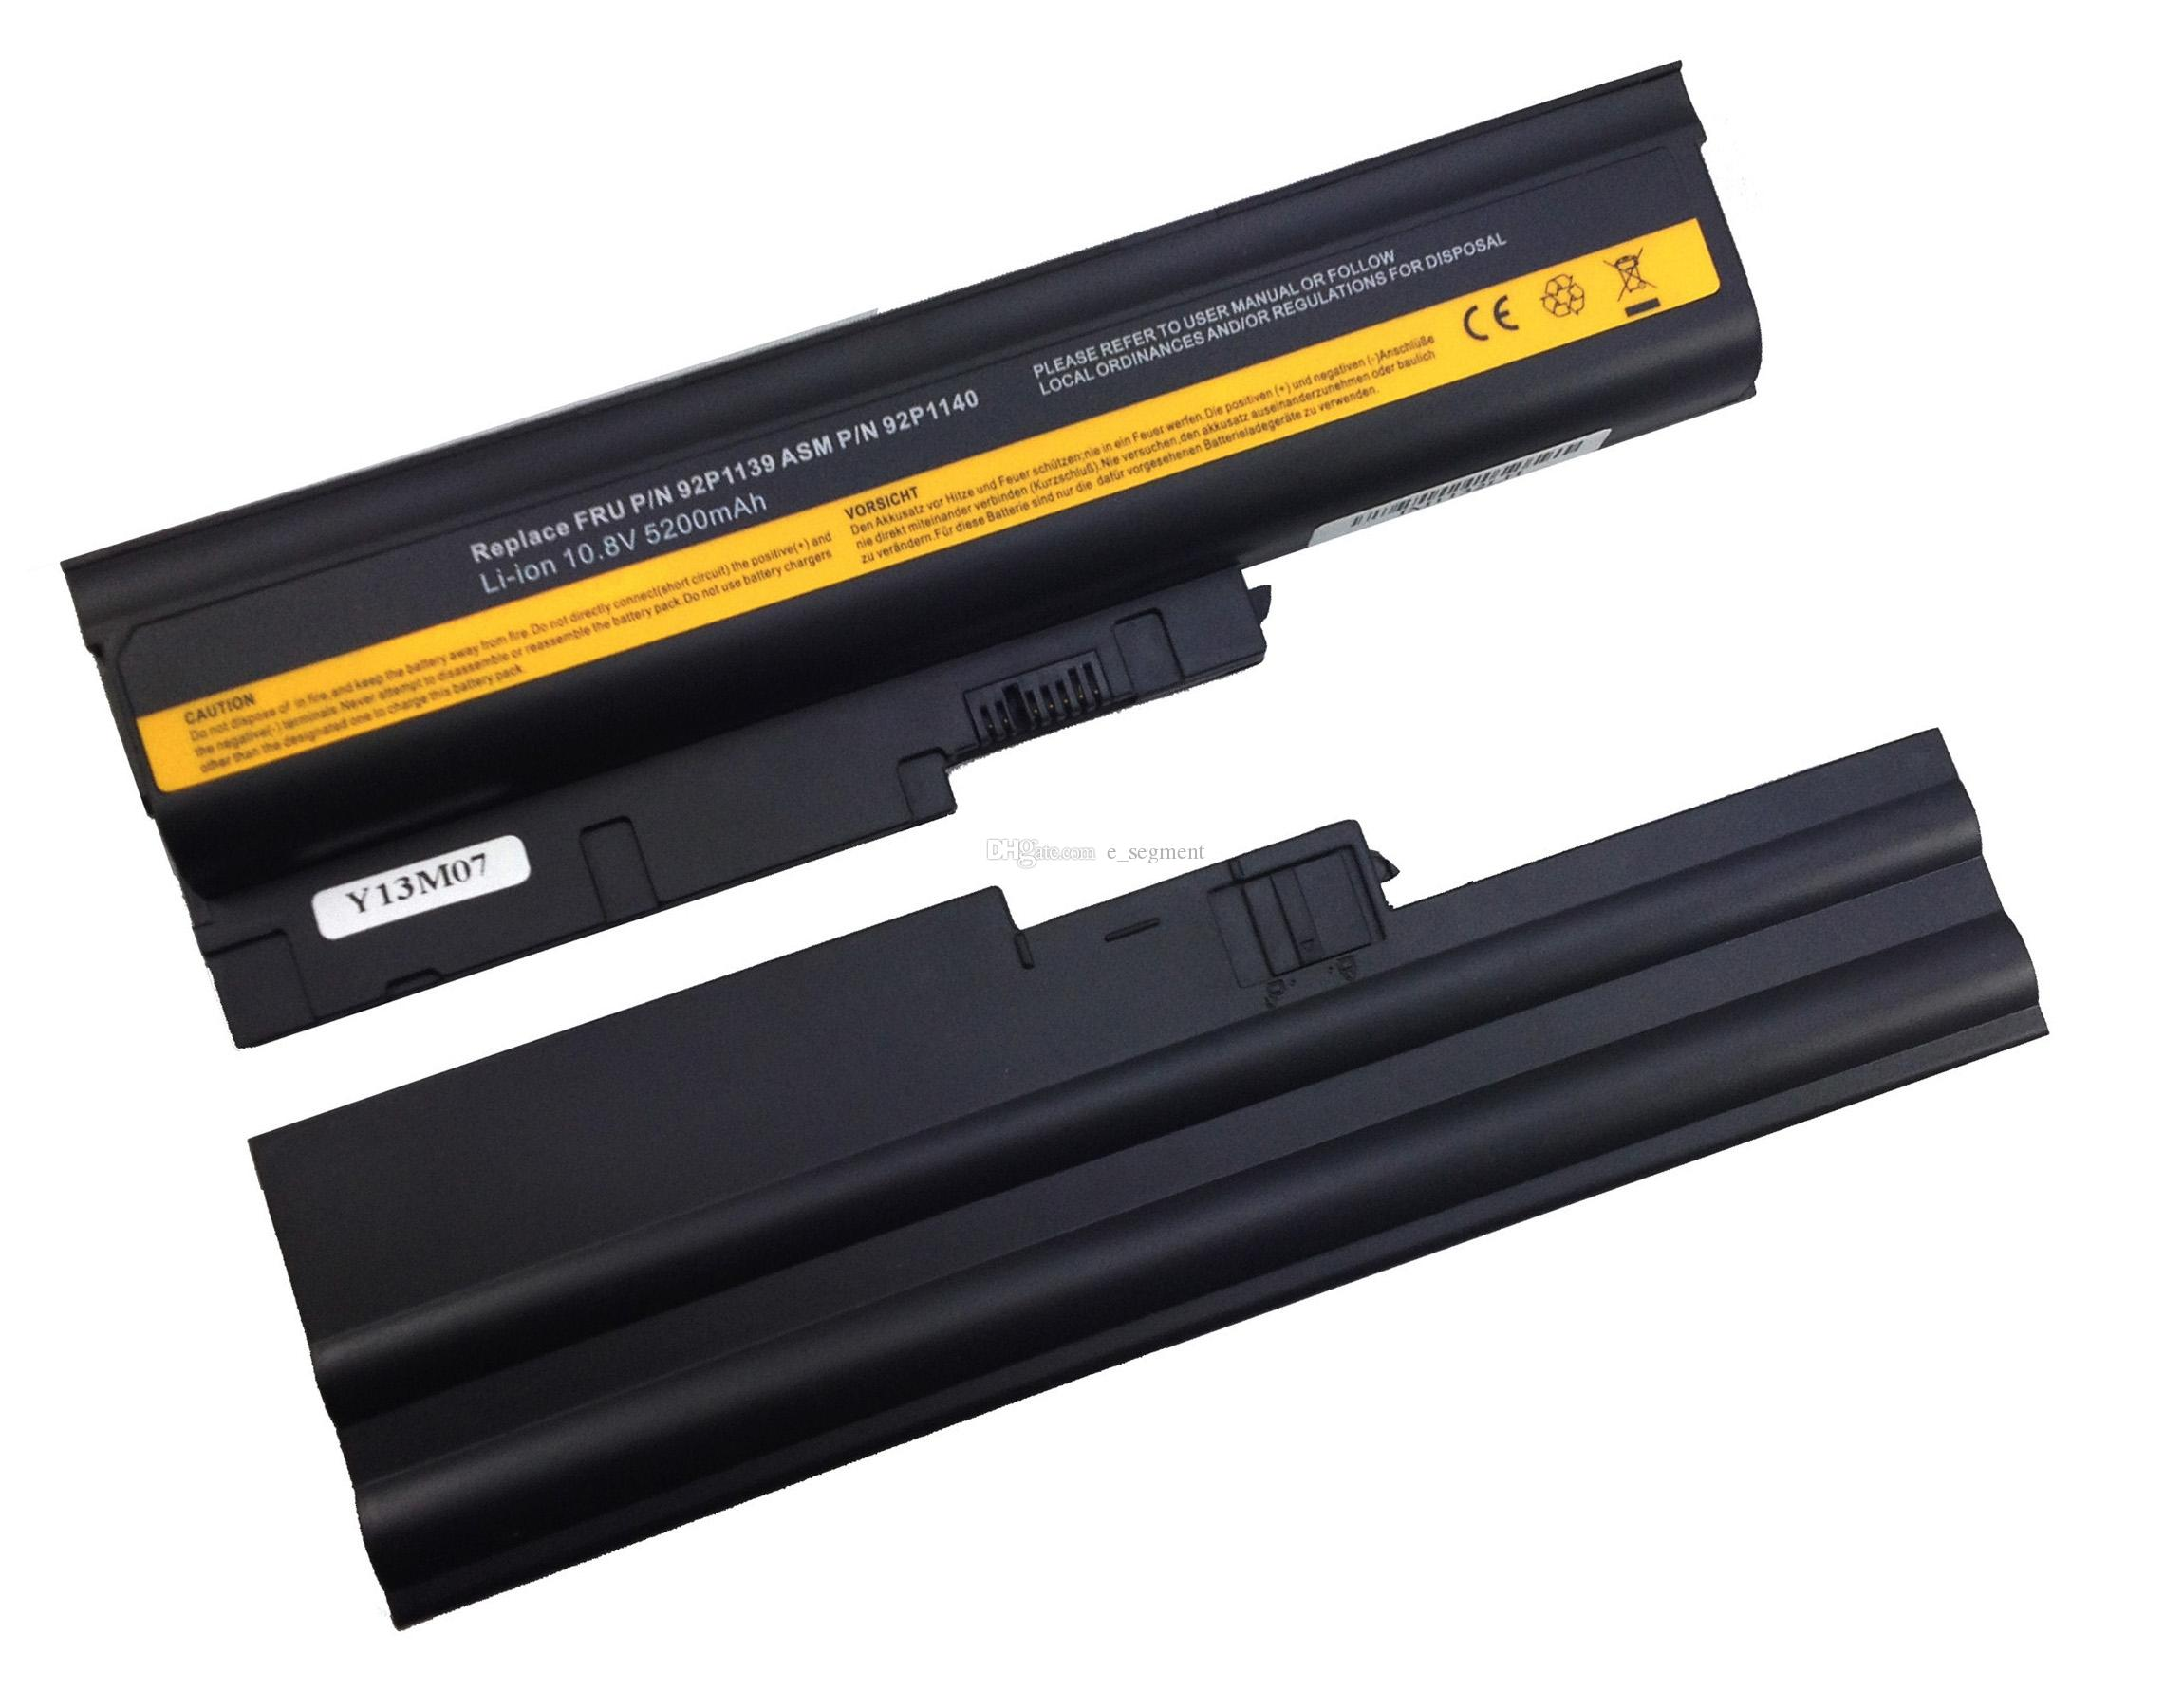 2018 new 6cell battery for ibm lenovo thinkpad r60 r61 t60p t61p rh dhgate com IBM ThinkPad Laptop Manual IBM ThinkPad T42 User Manual